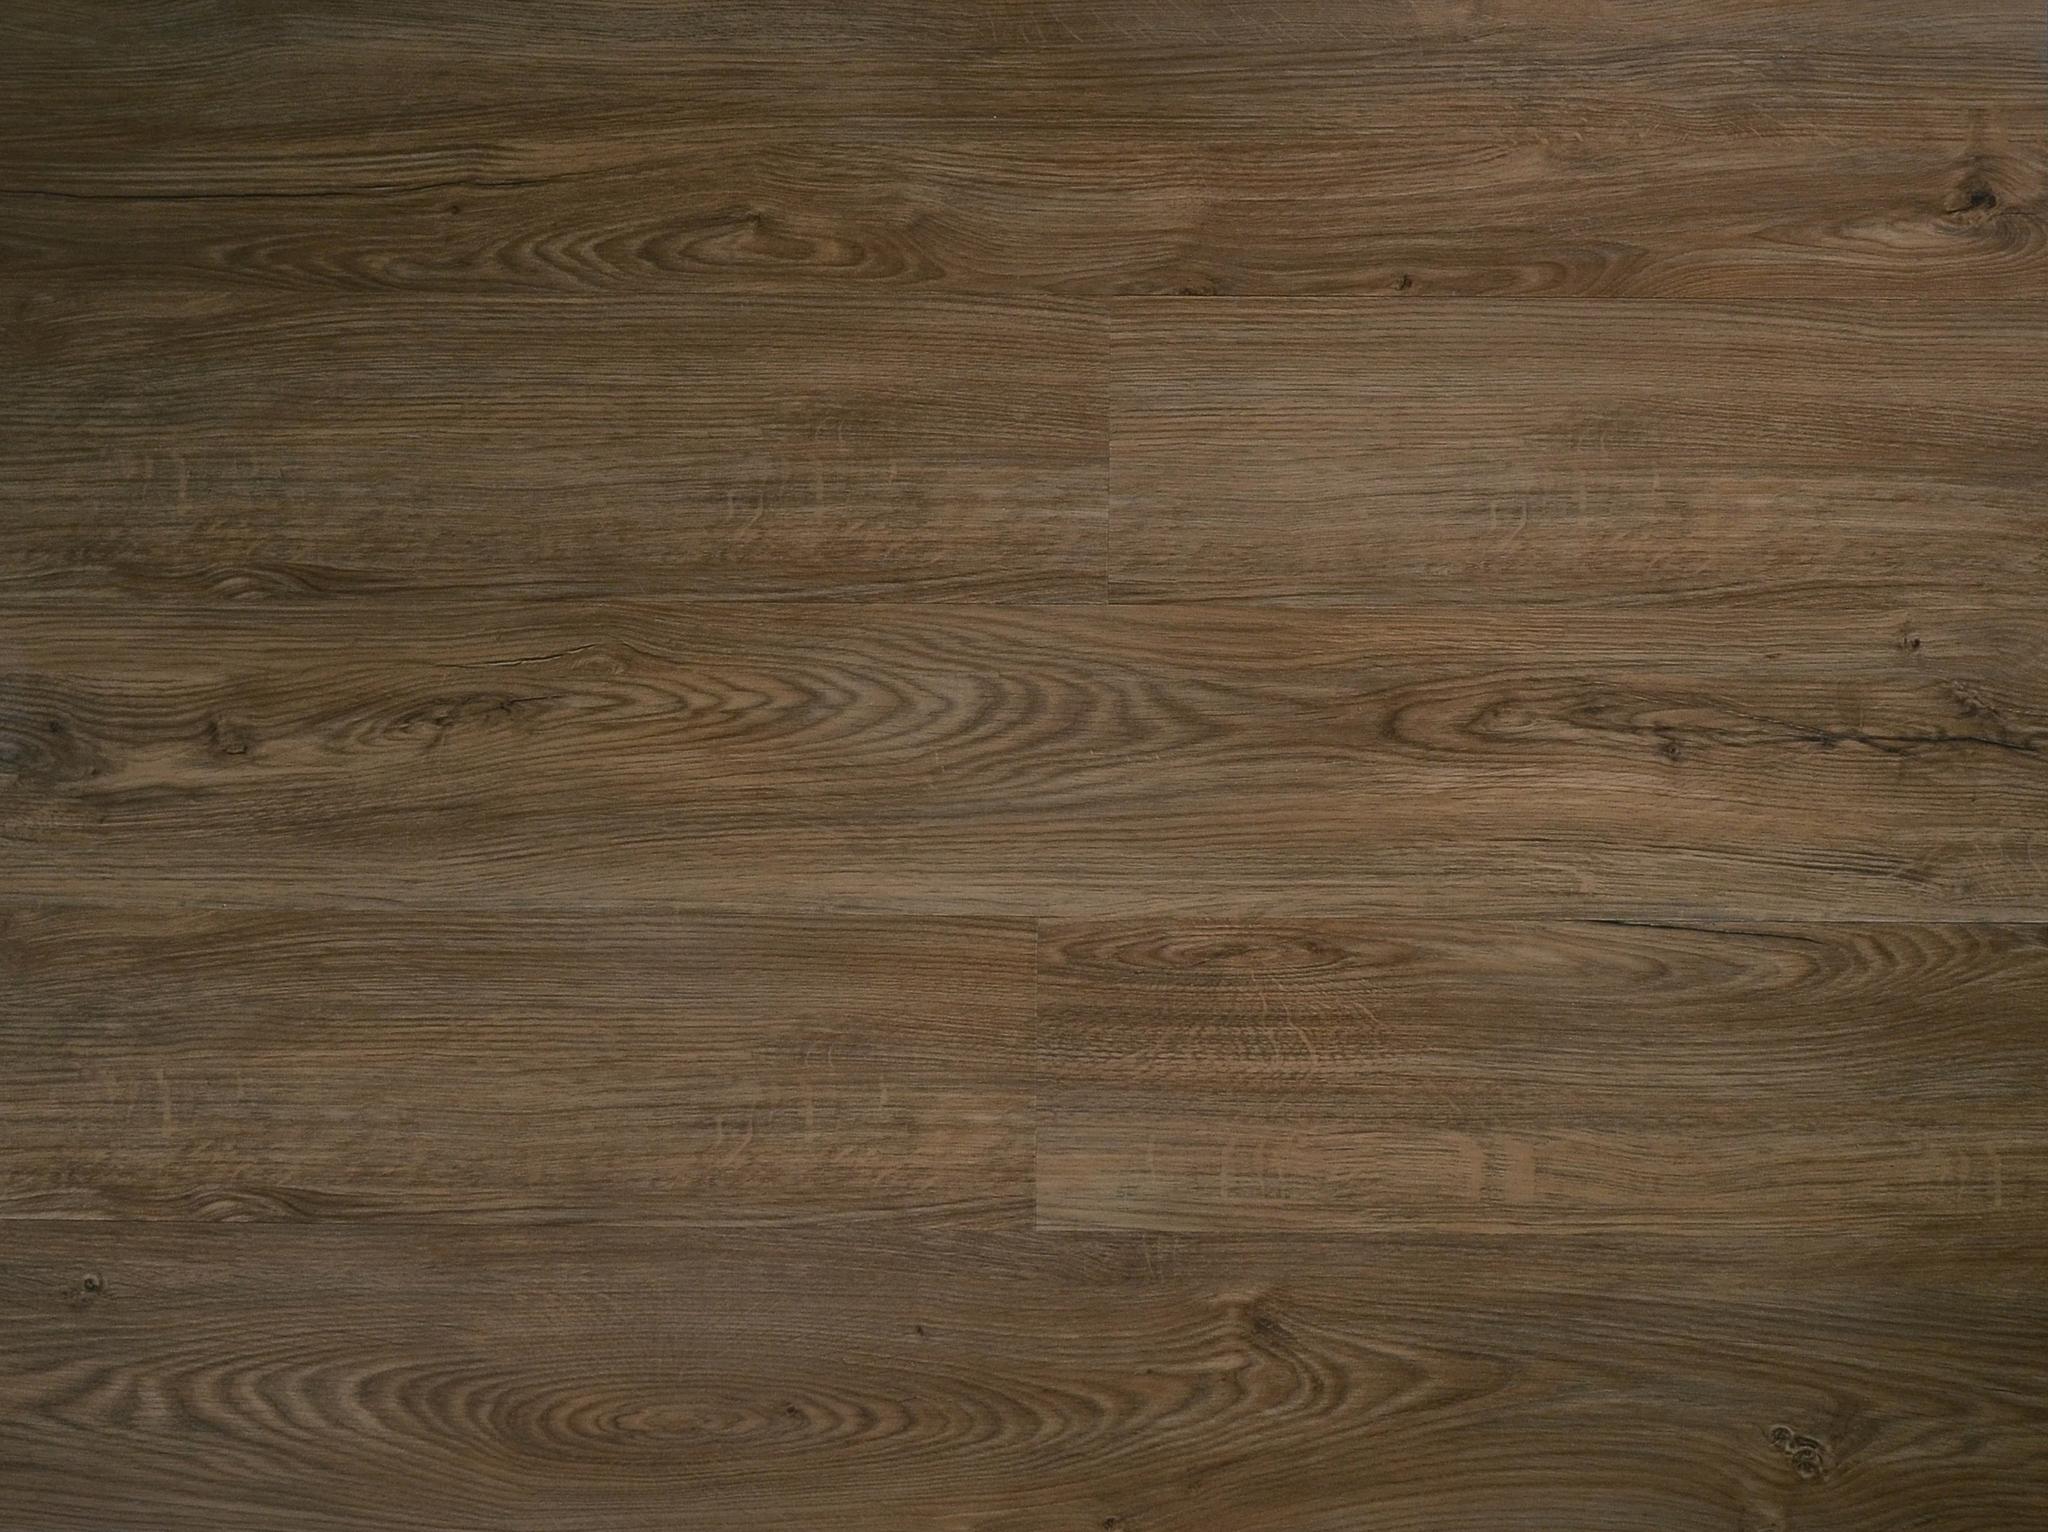 Виниловый пол Concept Floor - Fit Line Eiche Montana (Дуб Montana)